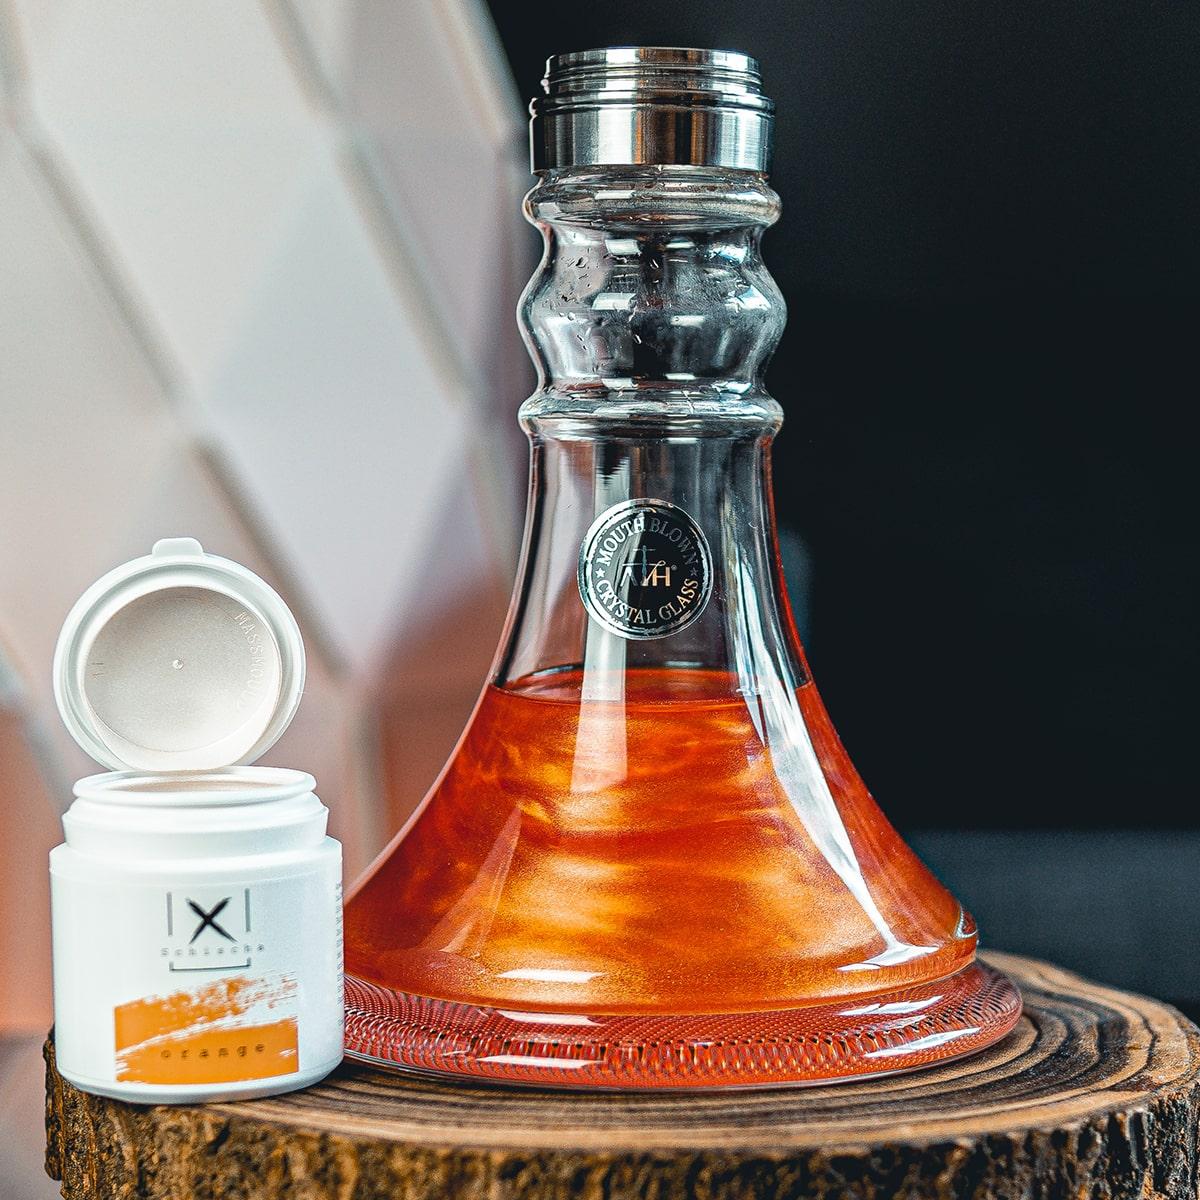 XSchischa Sparkle orange